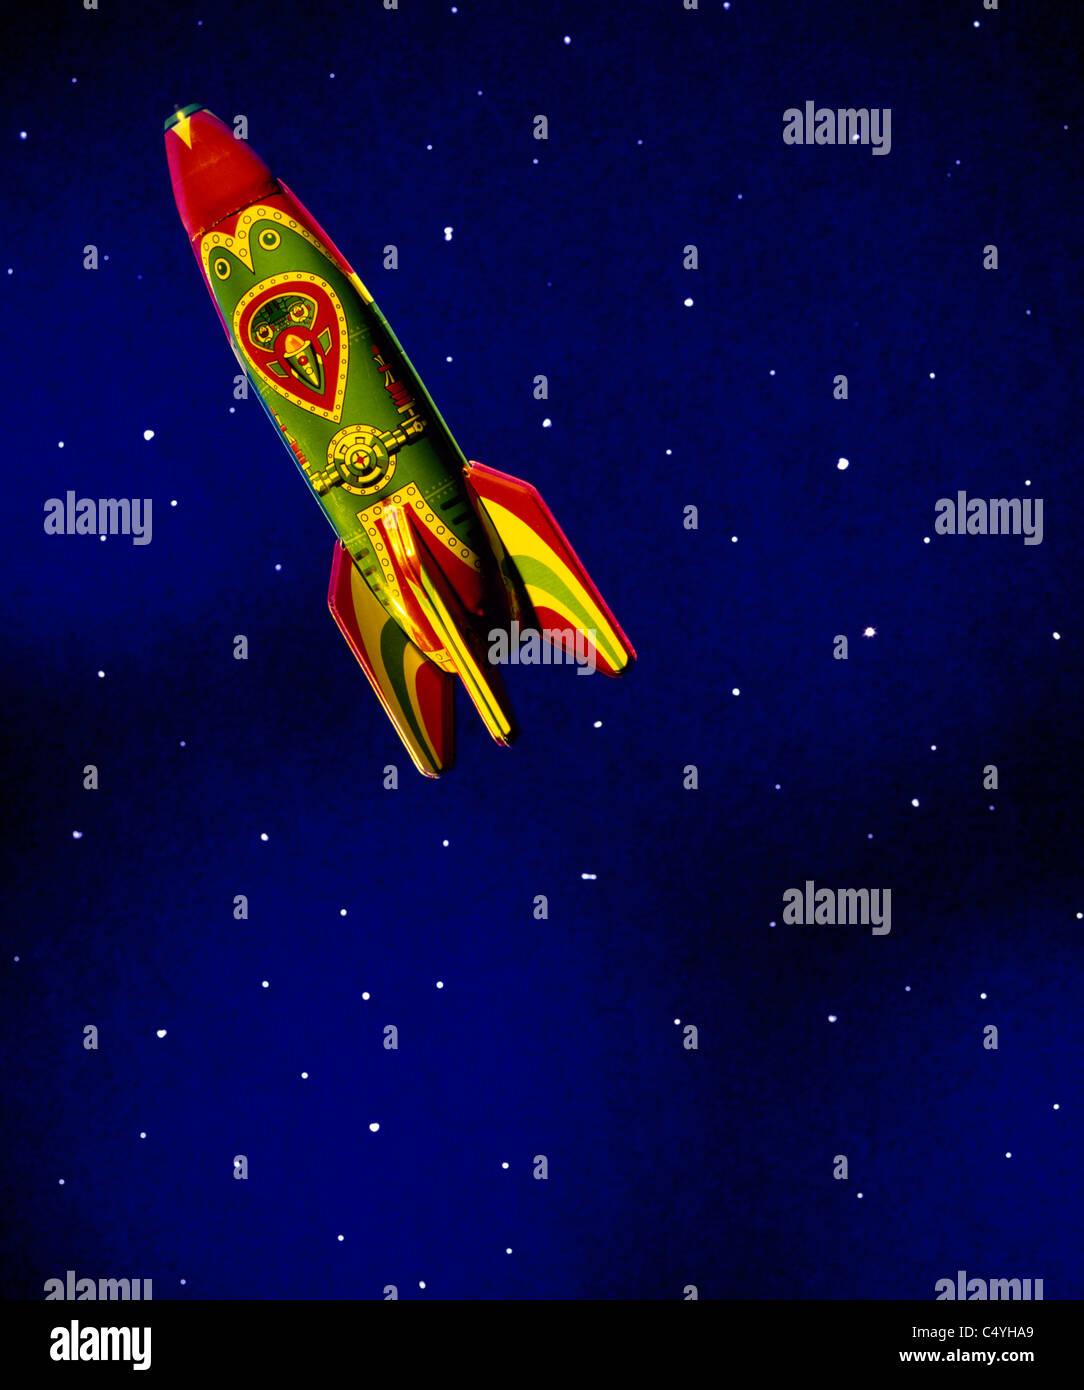 Un jouet pour enfants fusée flottant dans l'espace et d'étoiles bleu foncé Photo Stock